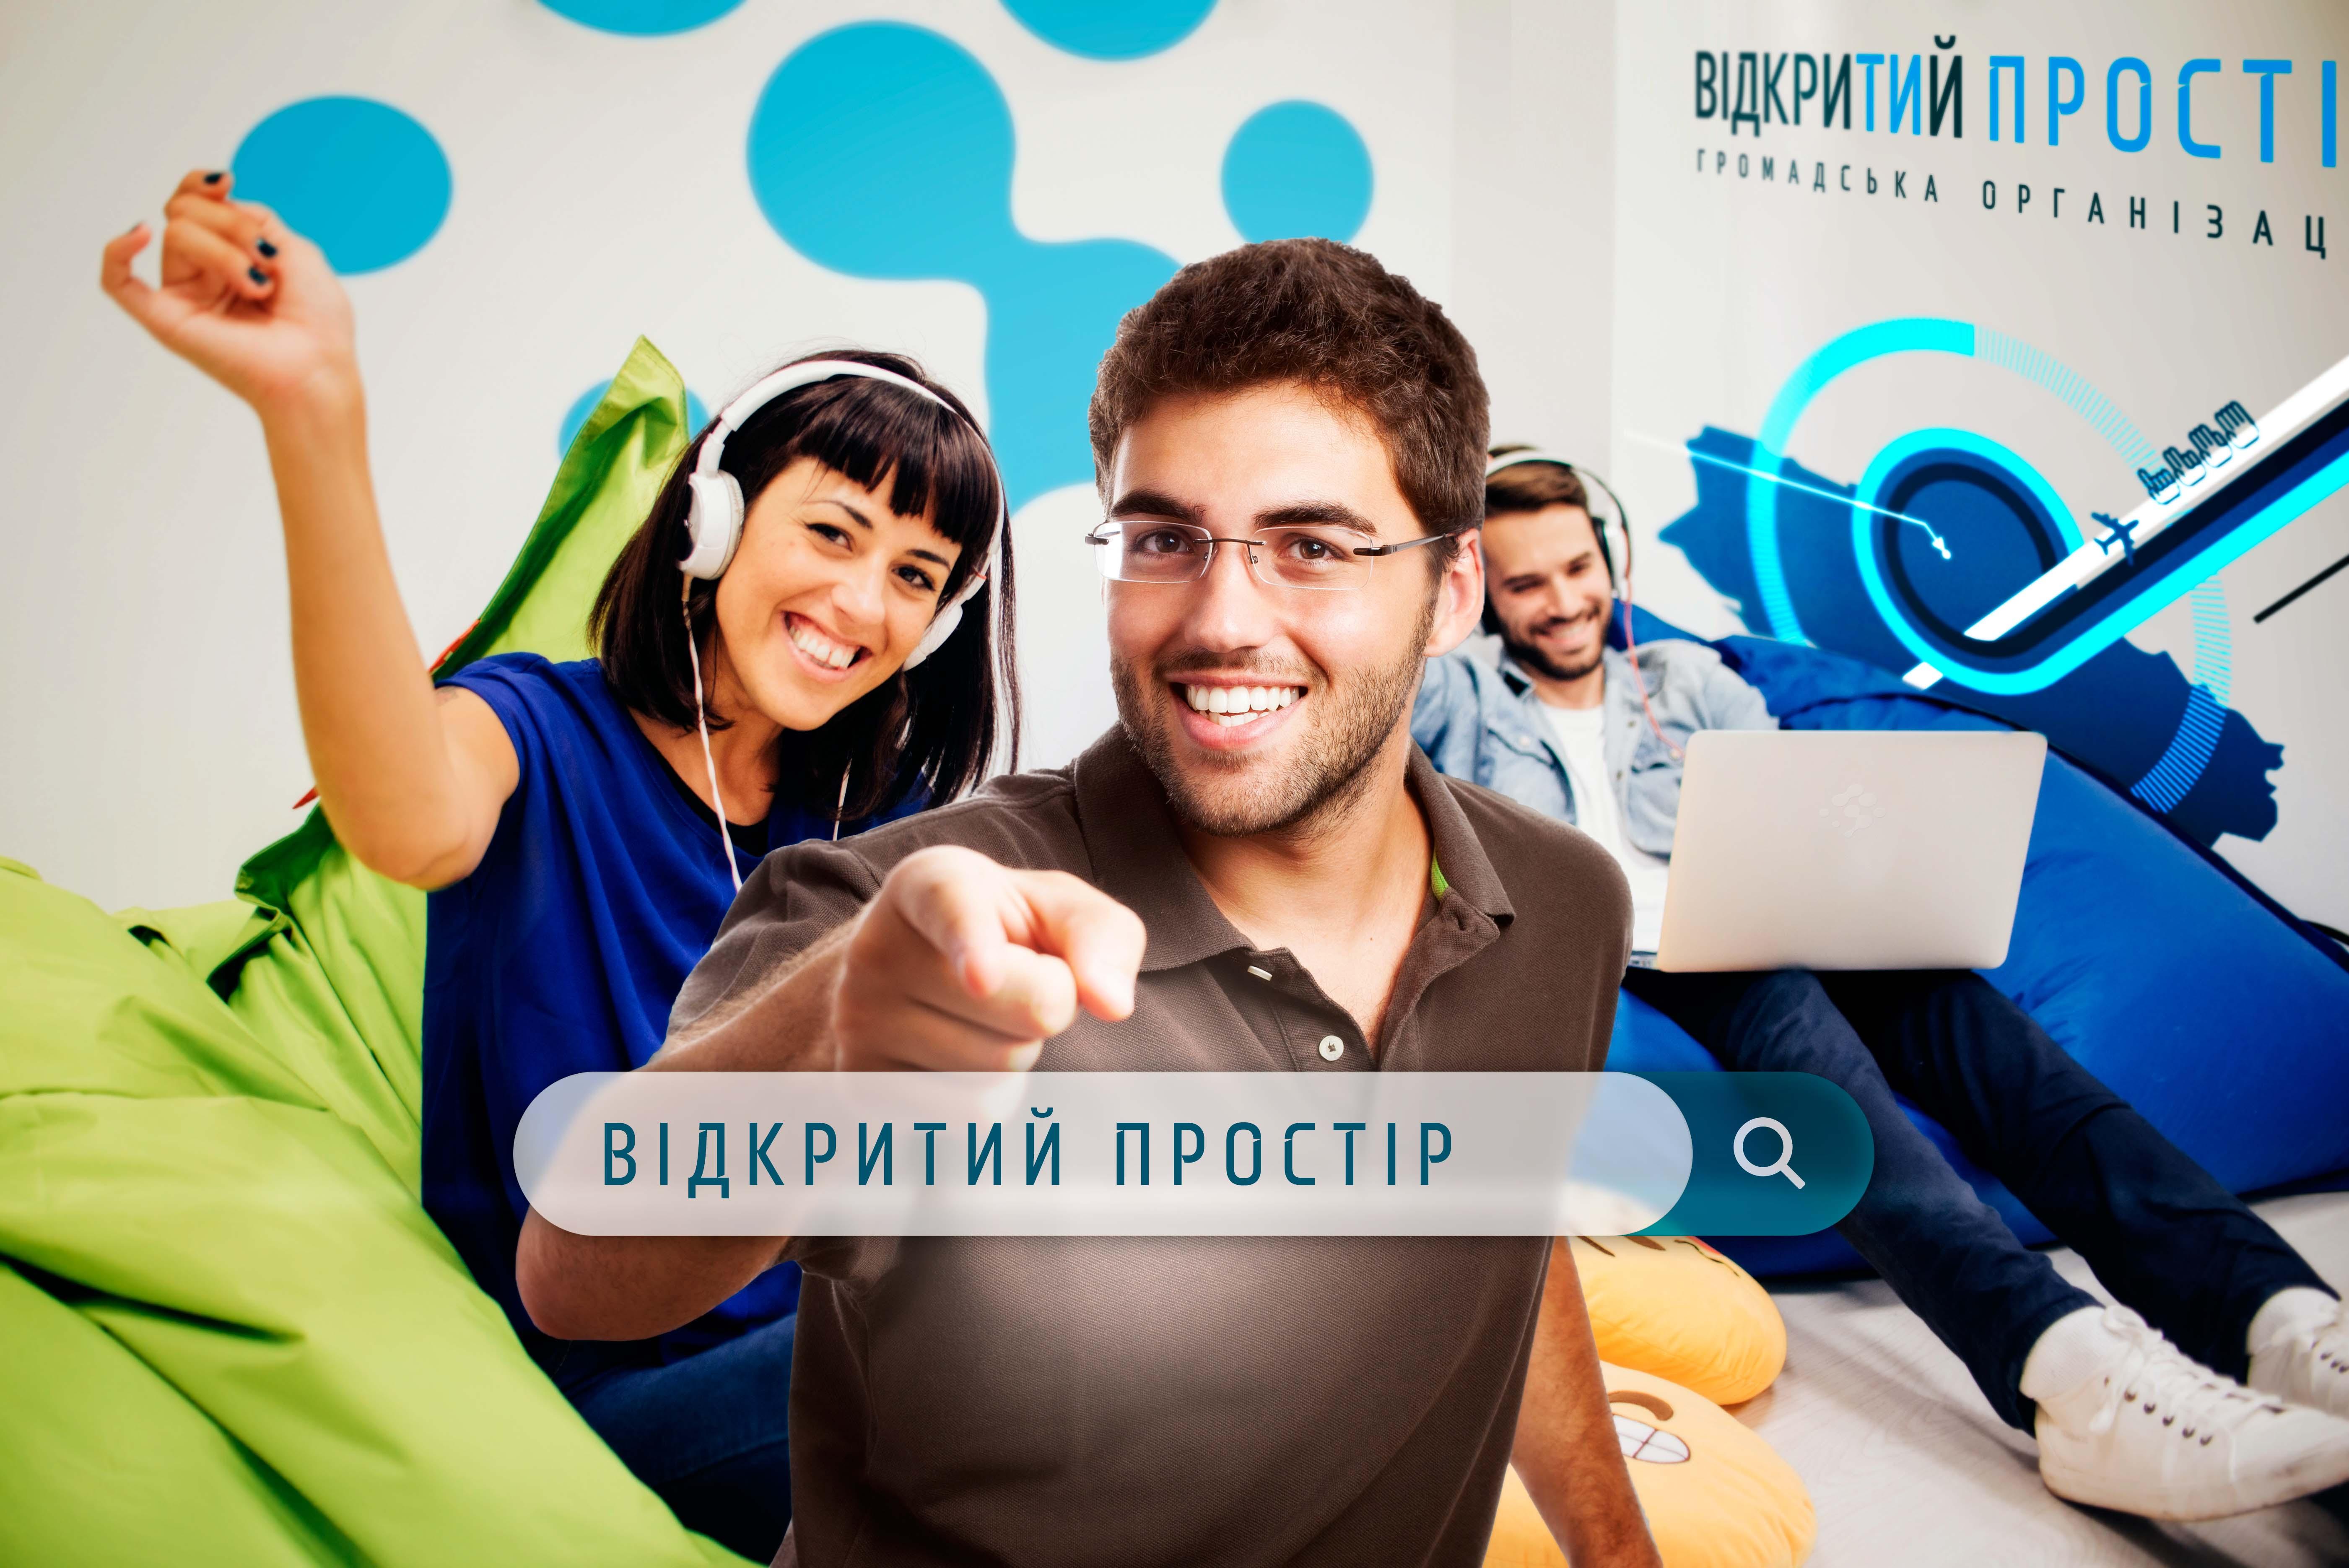 vidkrytyj-prostir-ofis